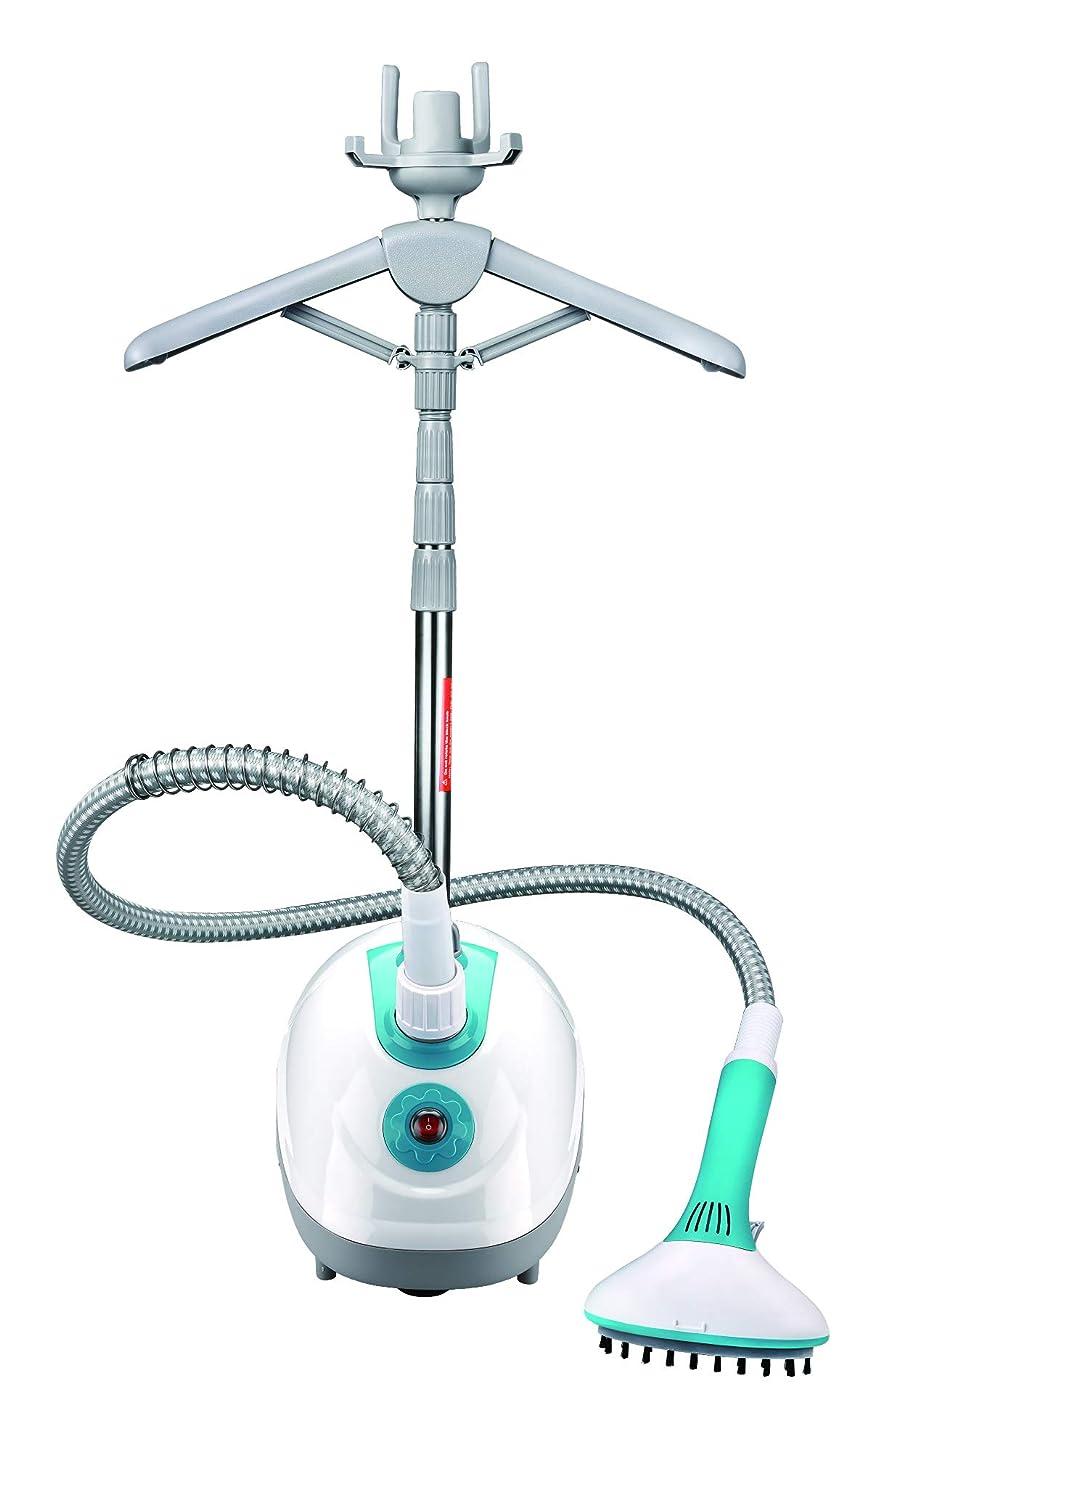 sistema di stiratura verticale capacit/à 1,5 L colore bianco Venga VG GST 3010